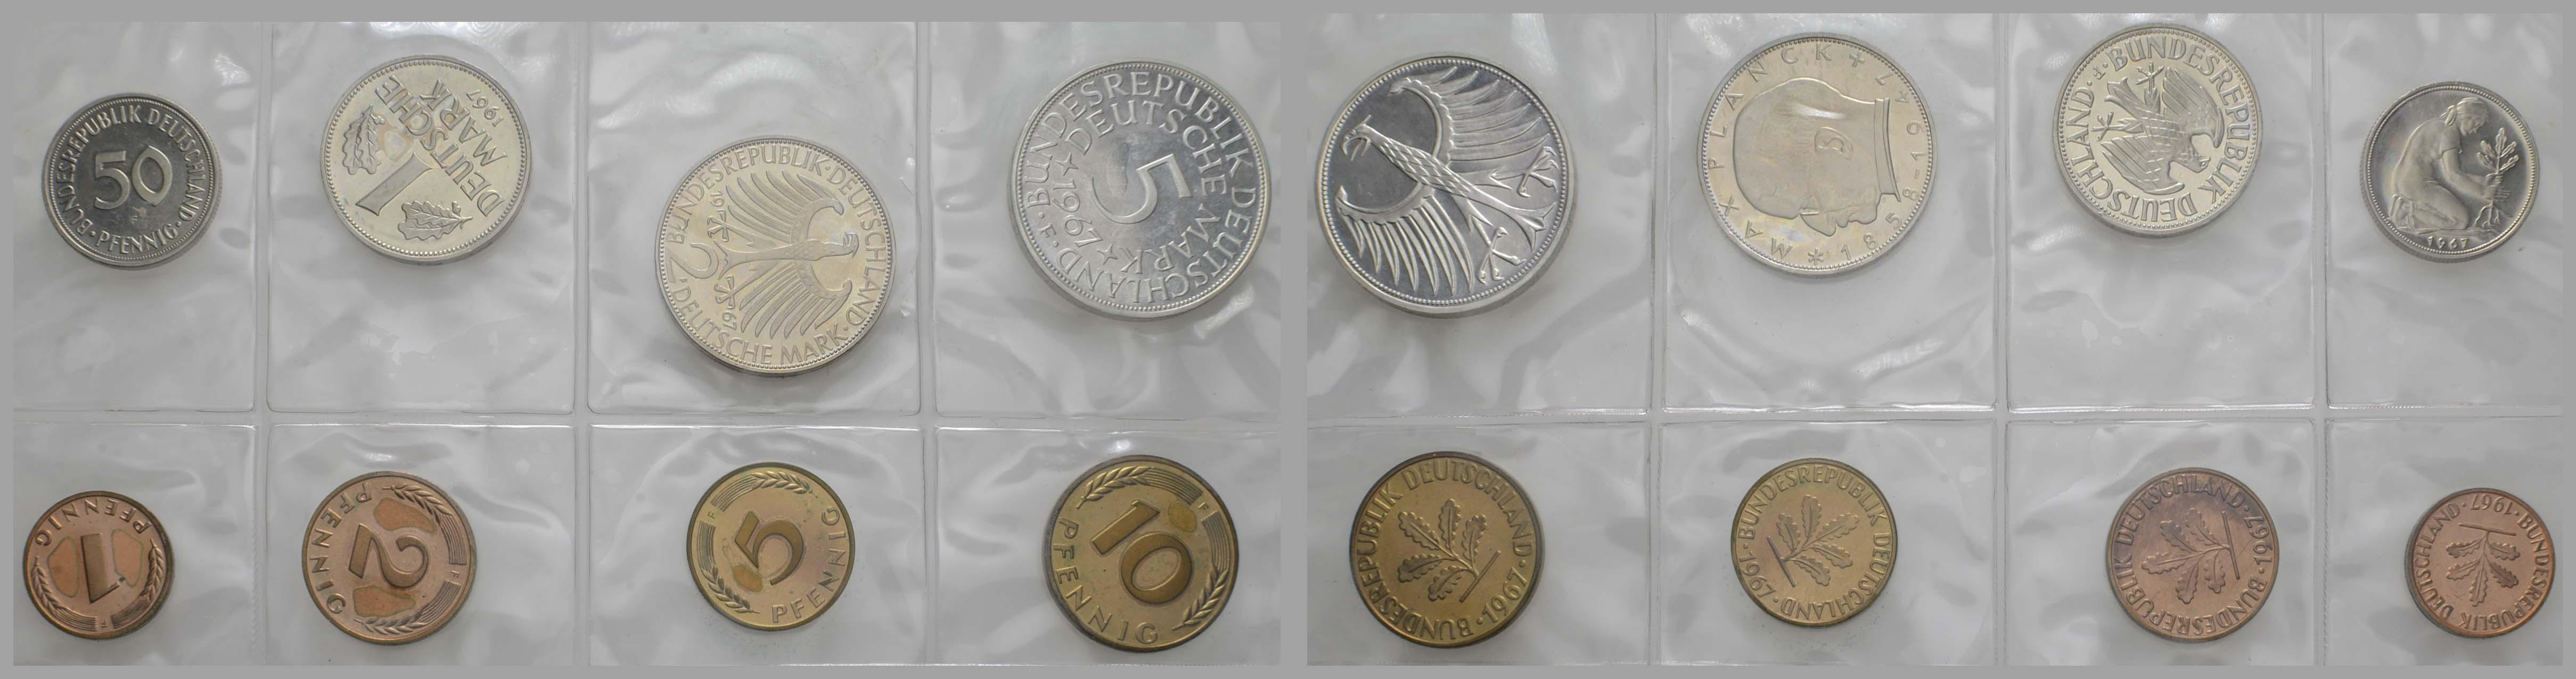 Lot 1112 - deutschland Bundesrepublik (DM) -  Auktionshaus Ulrich Felzmann GmbH & Co. KG Coins single lots